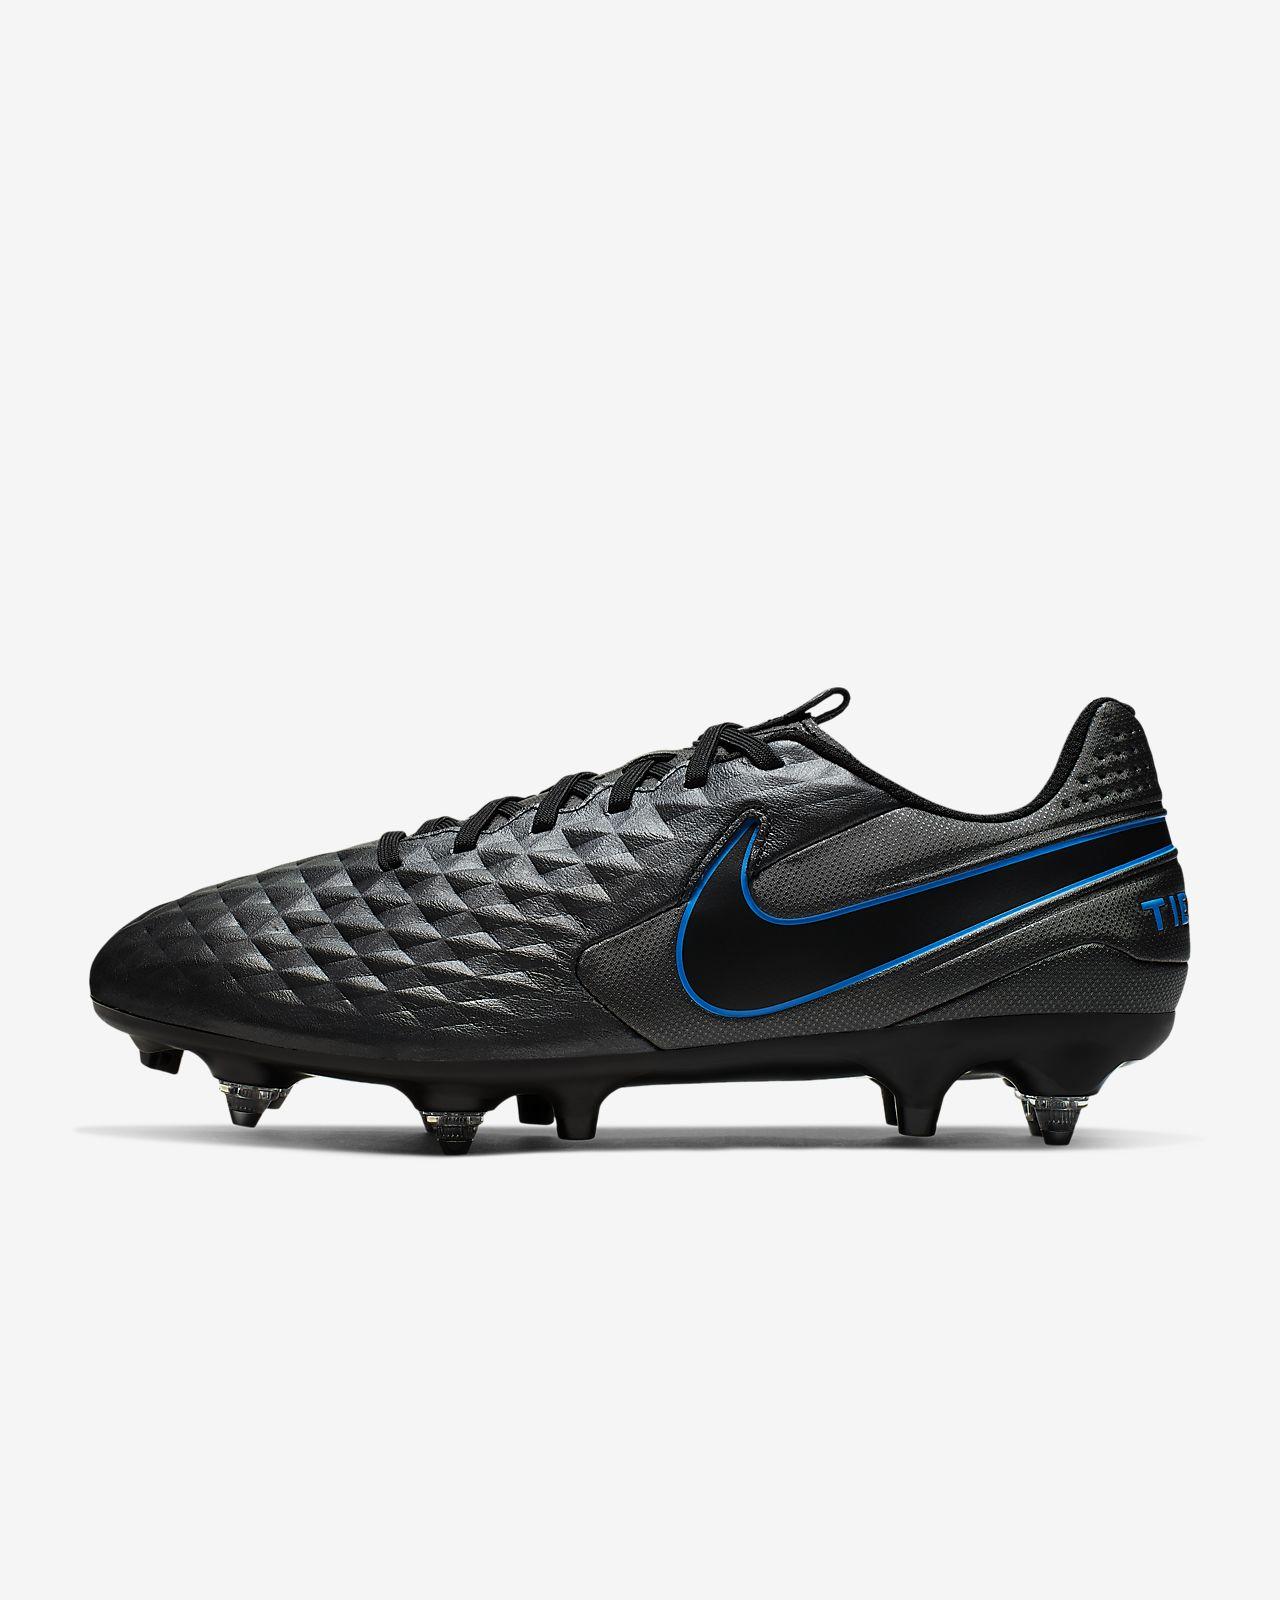 Chaussure de football à crampons pour terrain gras Nike Tiempo Legend 8 Academy SG-PRO Anti-Clog Traction